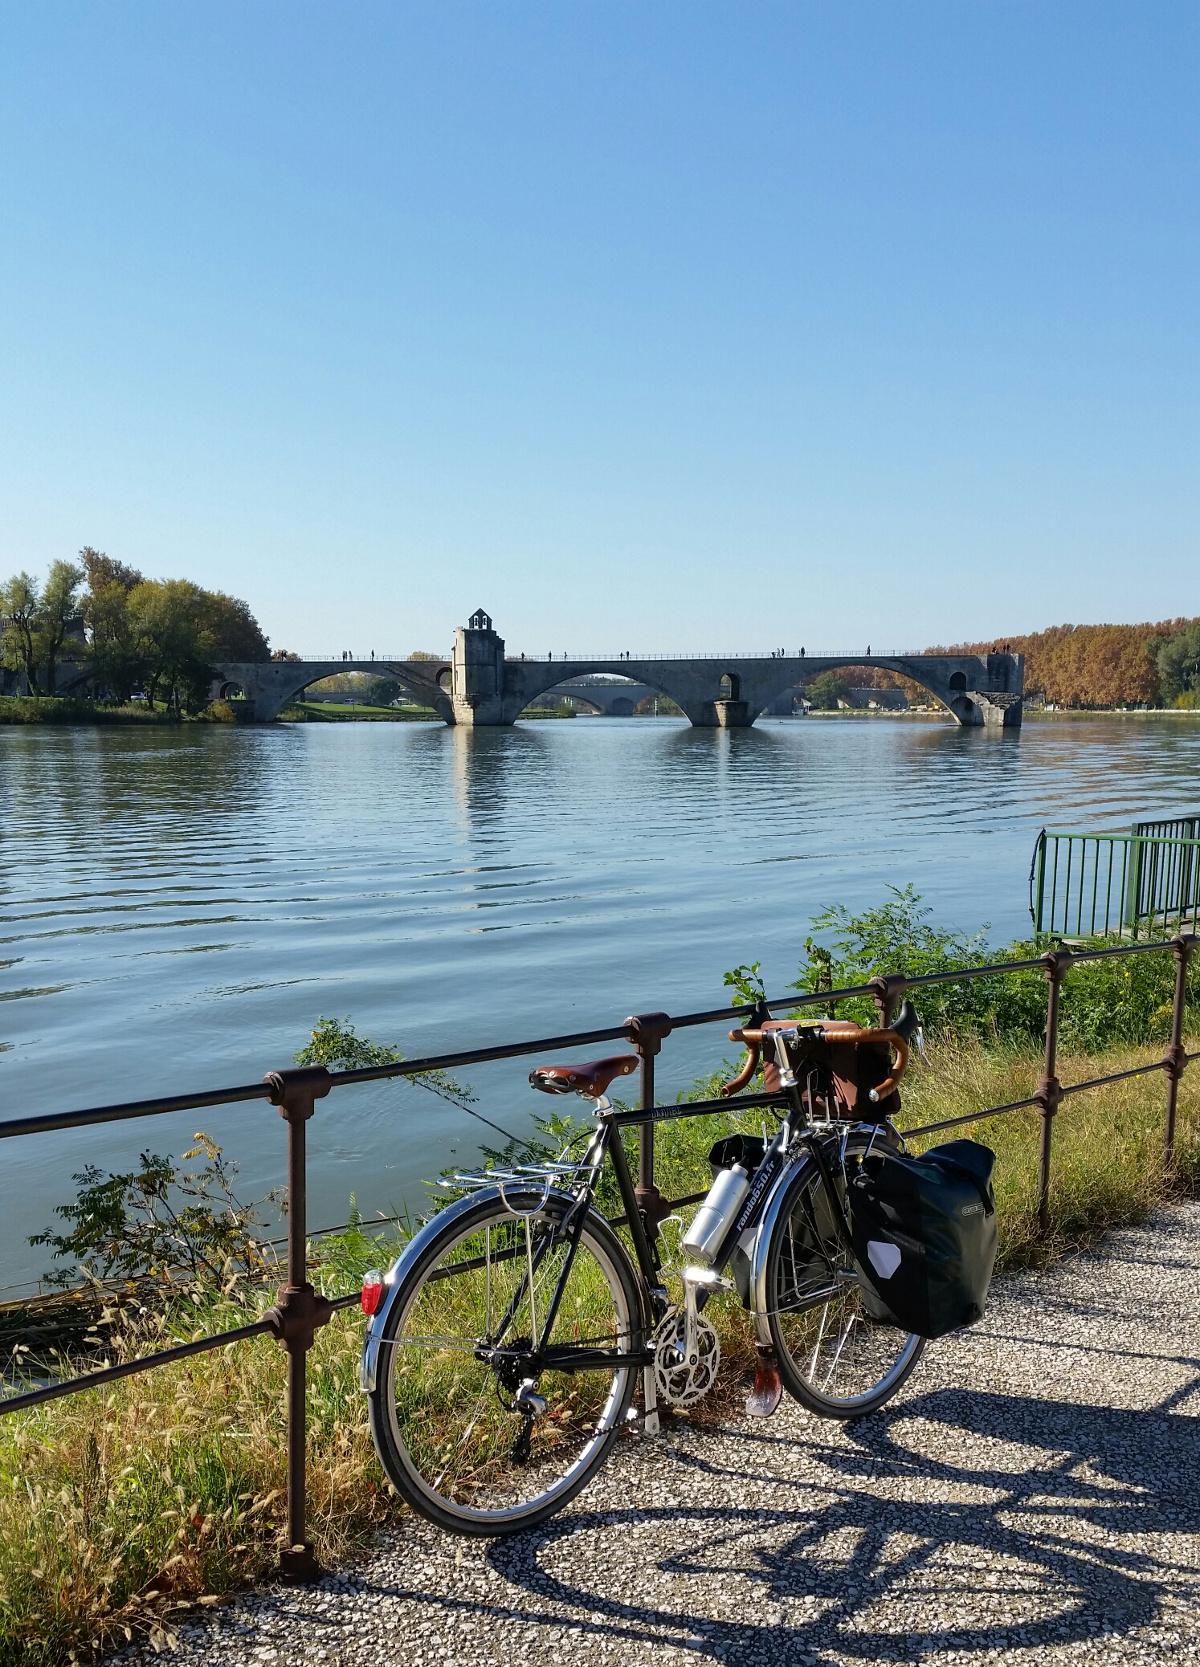 Octobre 2015 – Devant le Pont d'Avignon – Mon point de départ au tour du Massif du Lubéron (Avignon, ville très commode quand on pratique l'intermodalité)